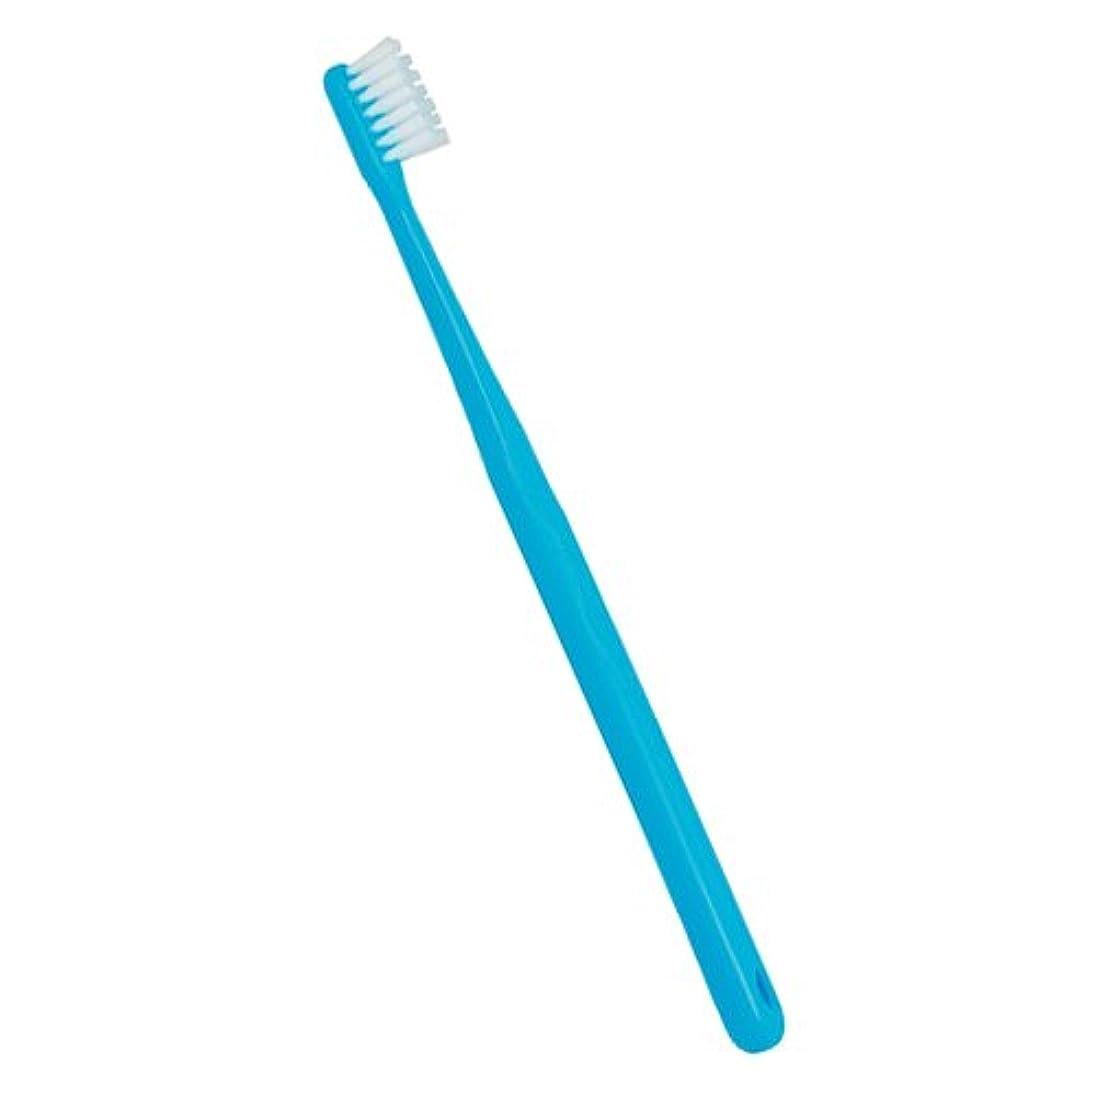 前文加入酸化物Ciメディカル 歯ブラシ Ci702(フラットタイプ) 1本(M ふつう(ブルー))